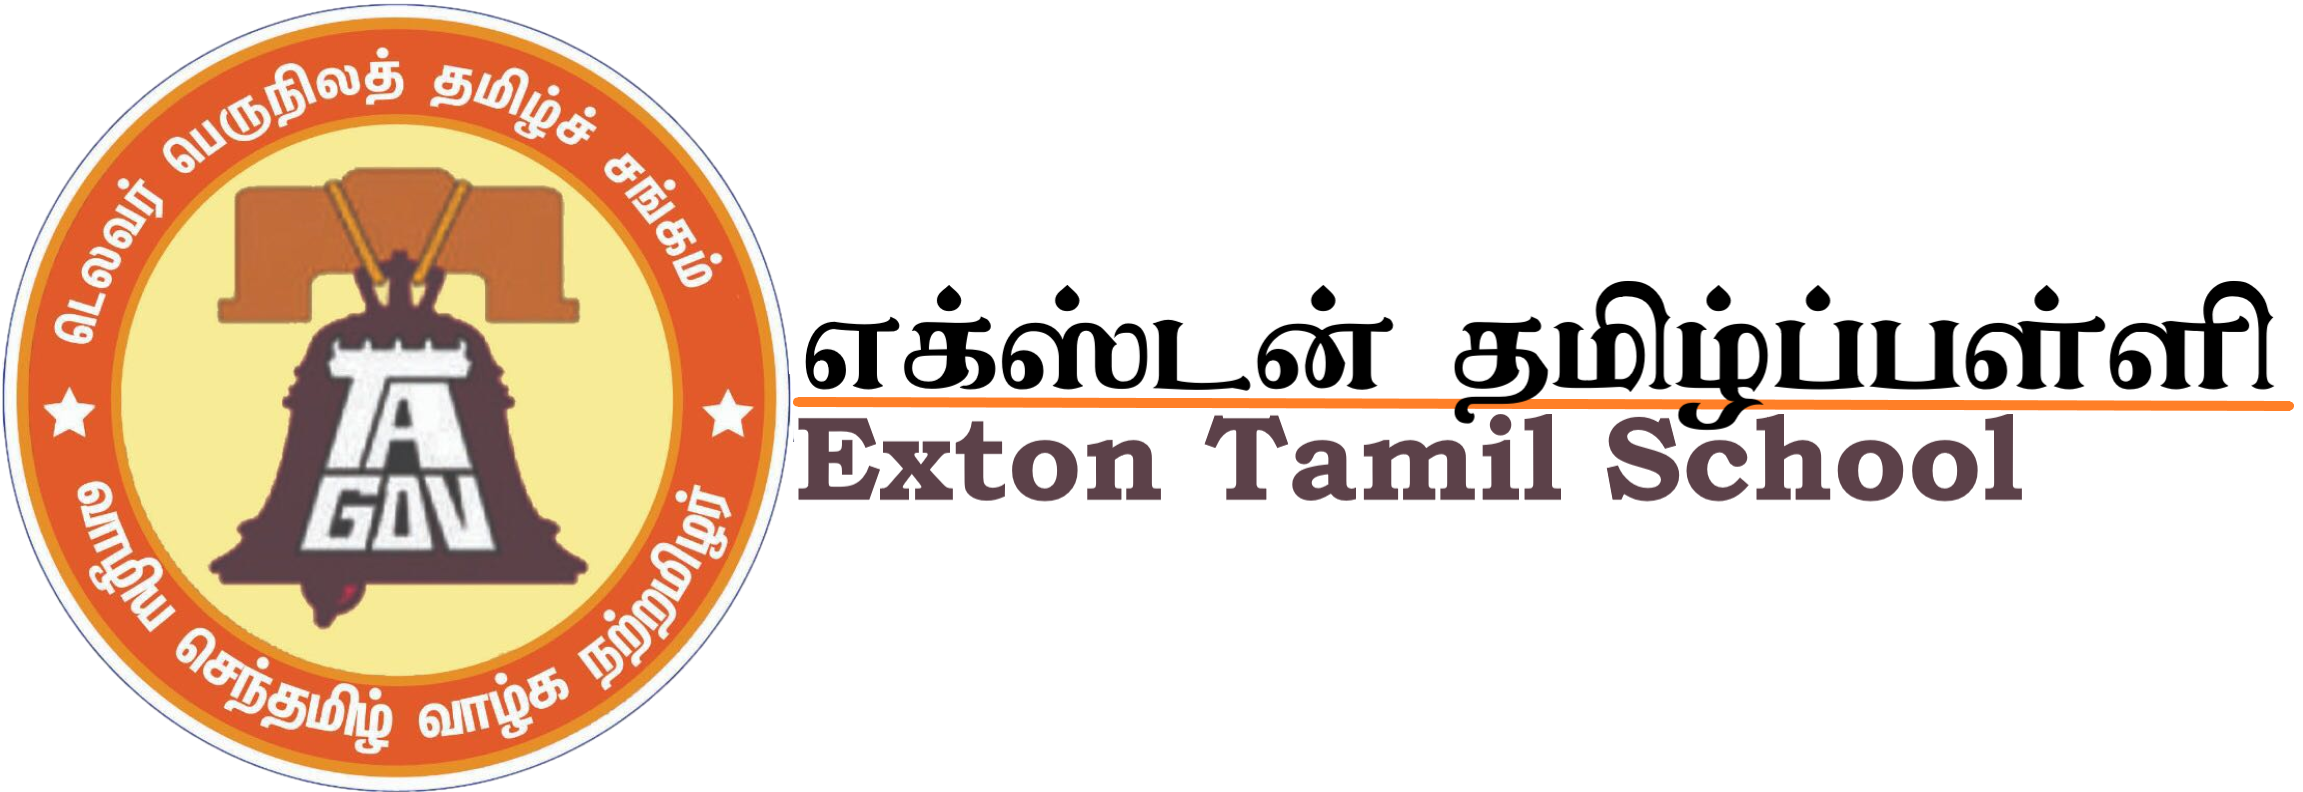 எக்ஸ்டன் தமிழ்ப்பள்ளி | Exton Tamil Palli | Exton Tamil School